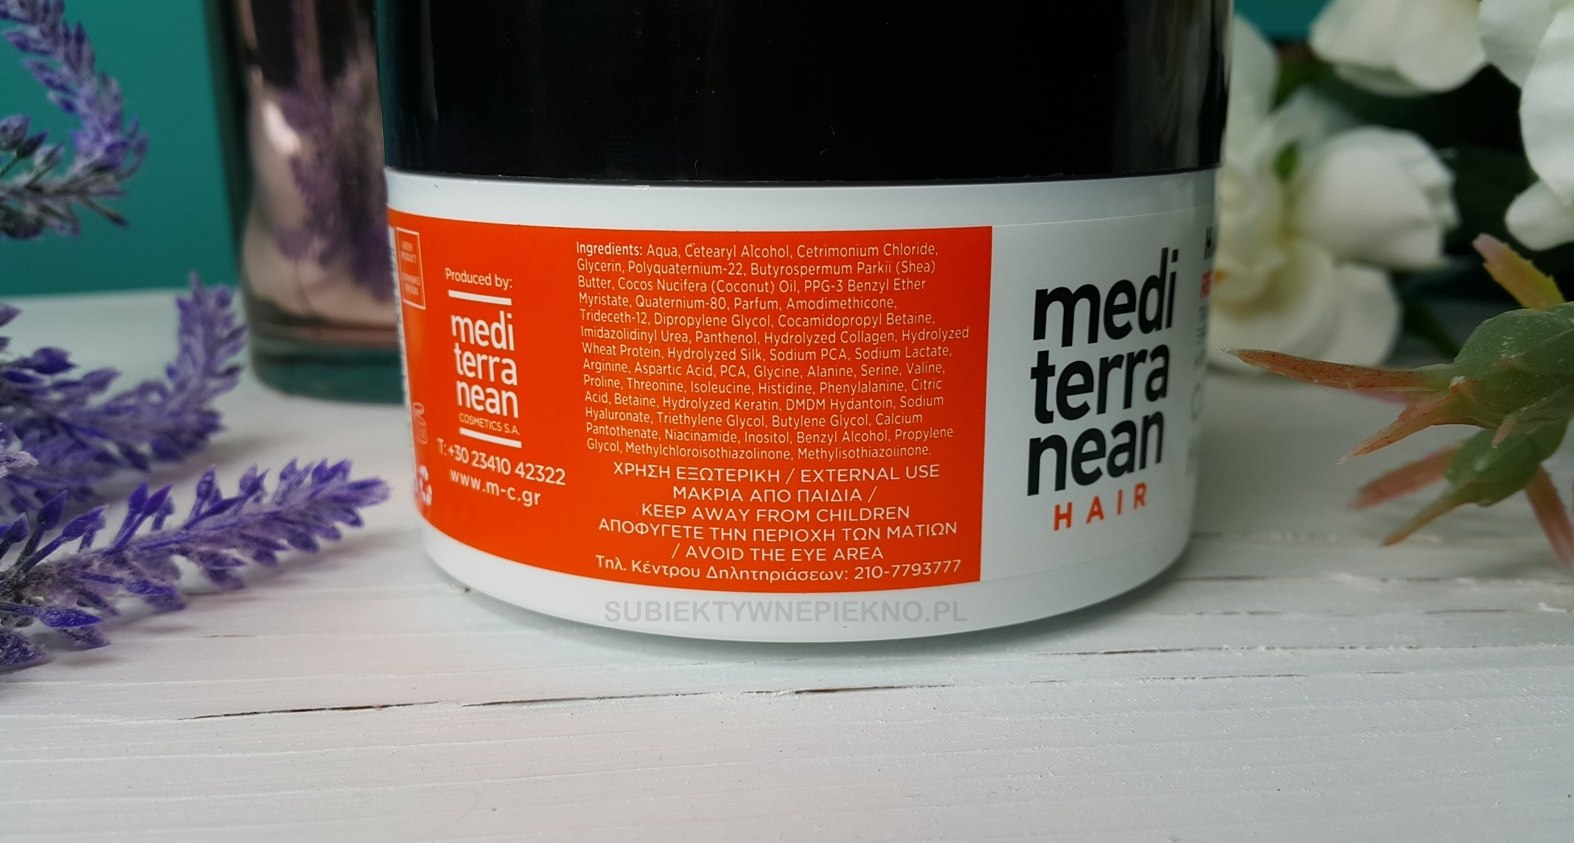 maska regenerująca do włosów mediterranean skład działanie opinie blog